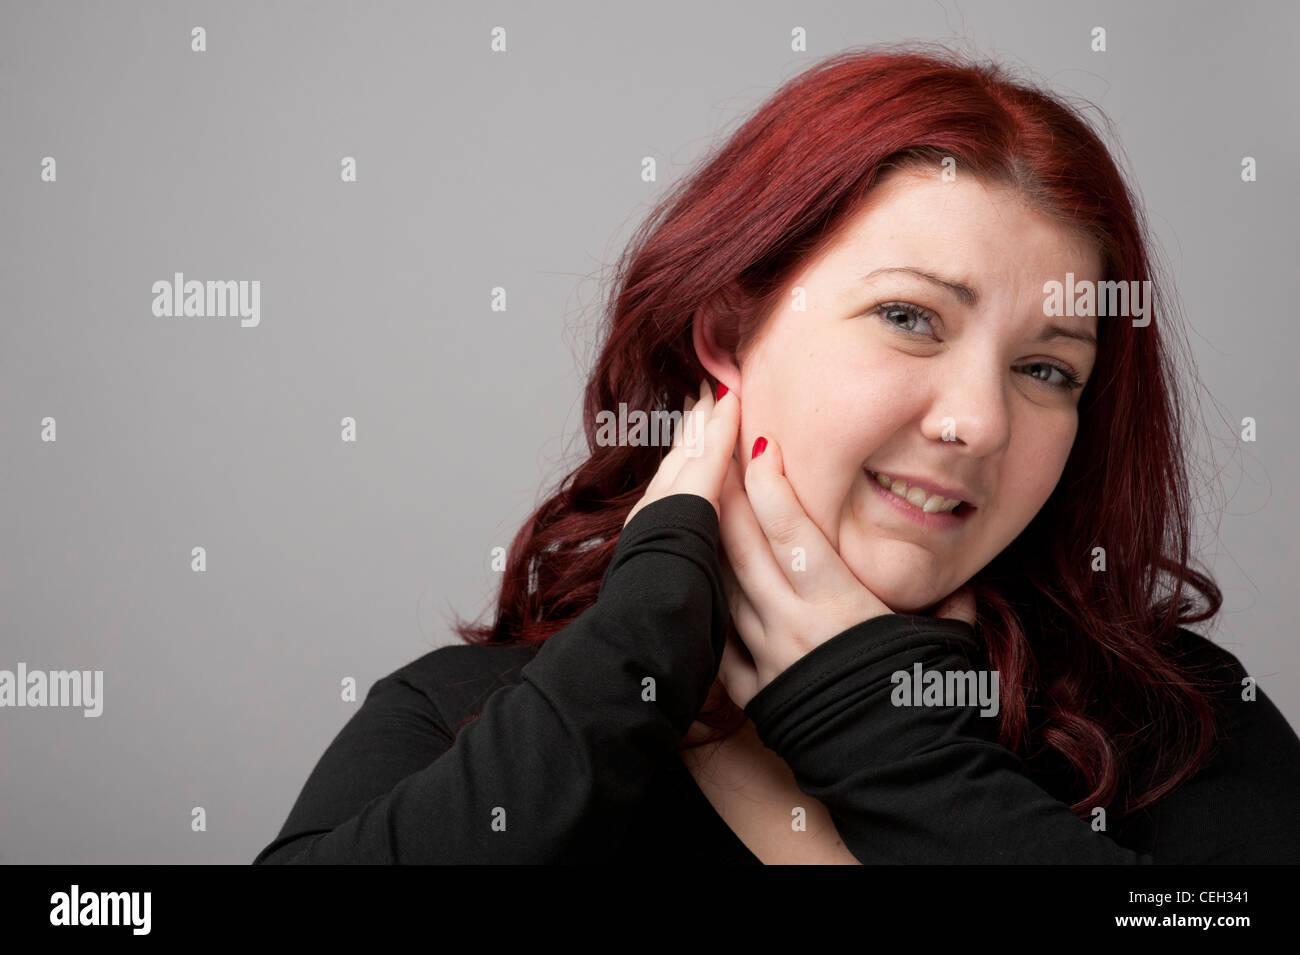 Kastanienbraunen Haaren kaukasischen Frau mit Ohrenschmerzen Schmerzen im Ohr Stockbild